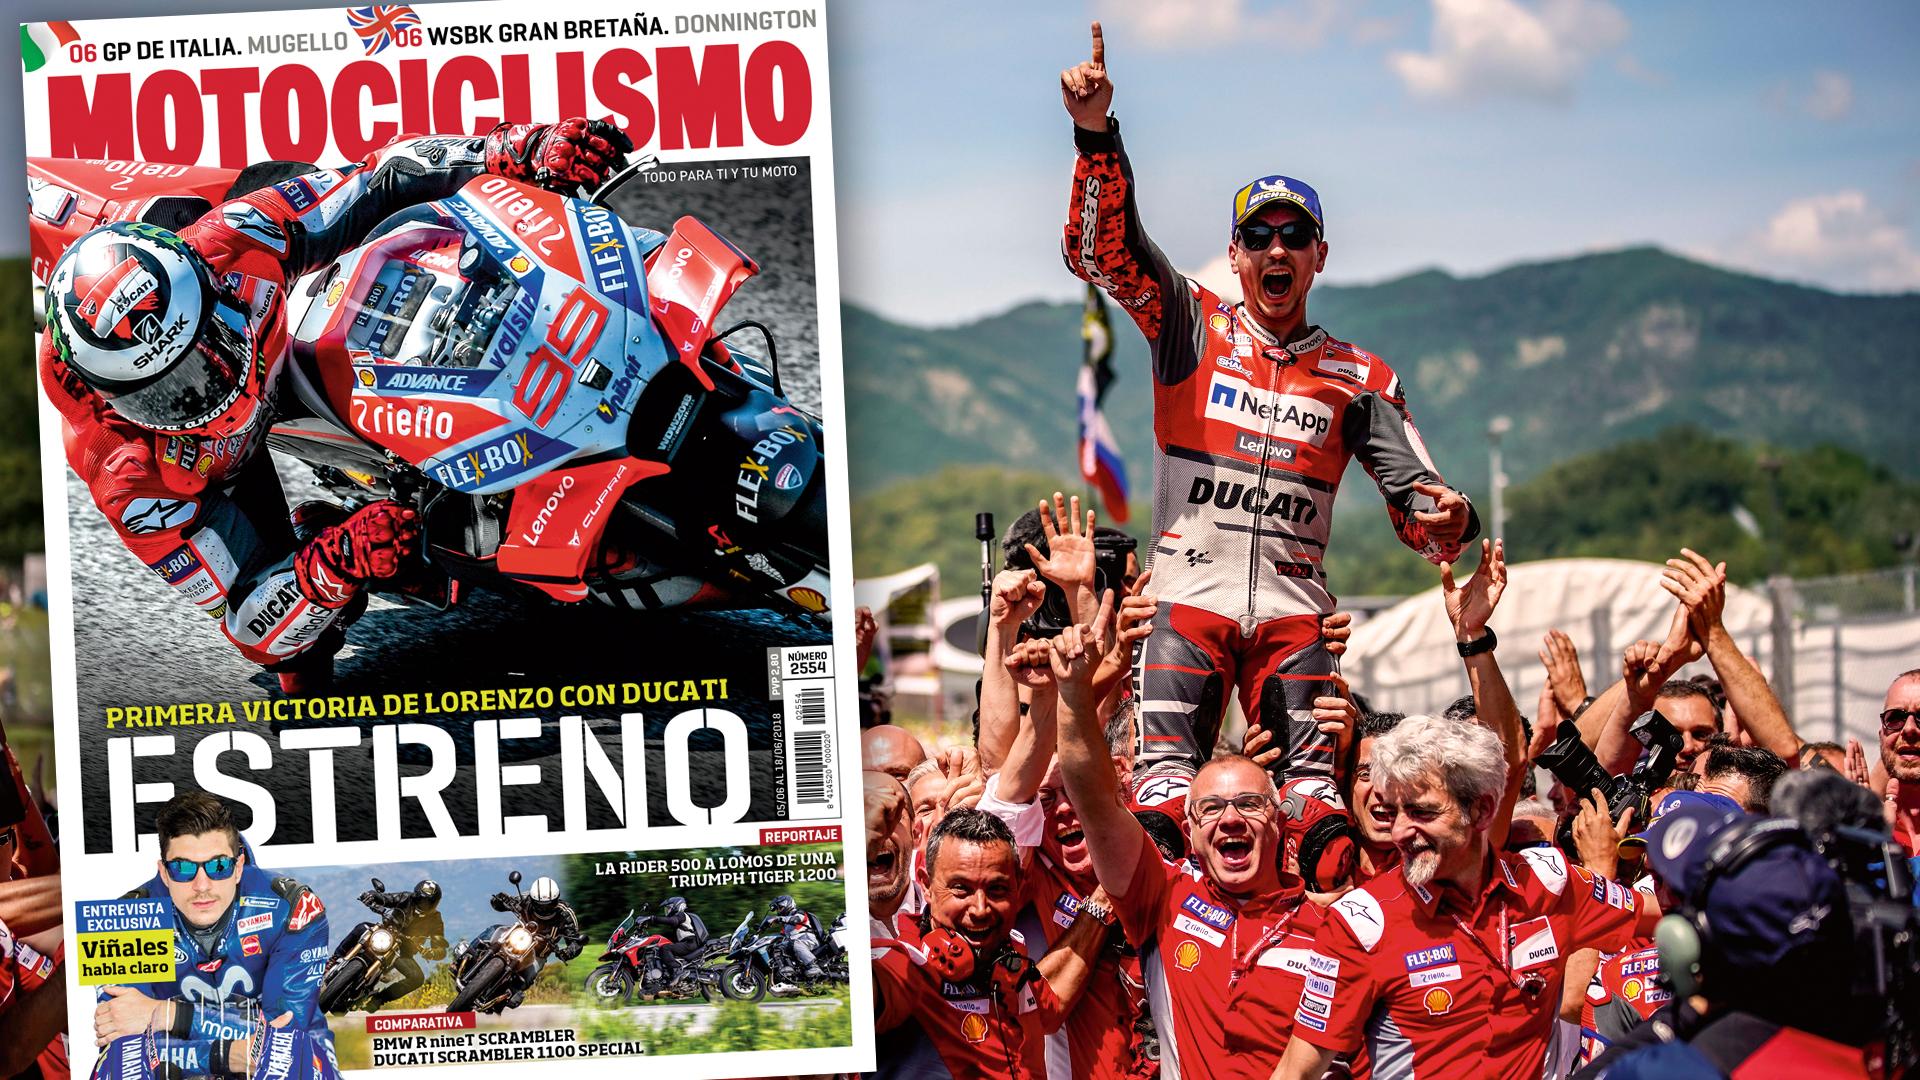 El estreno de Lorenzo con Ducati en la portada de MOTOCICLISMO